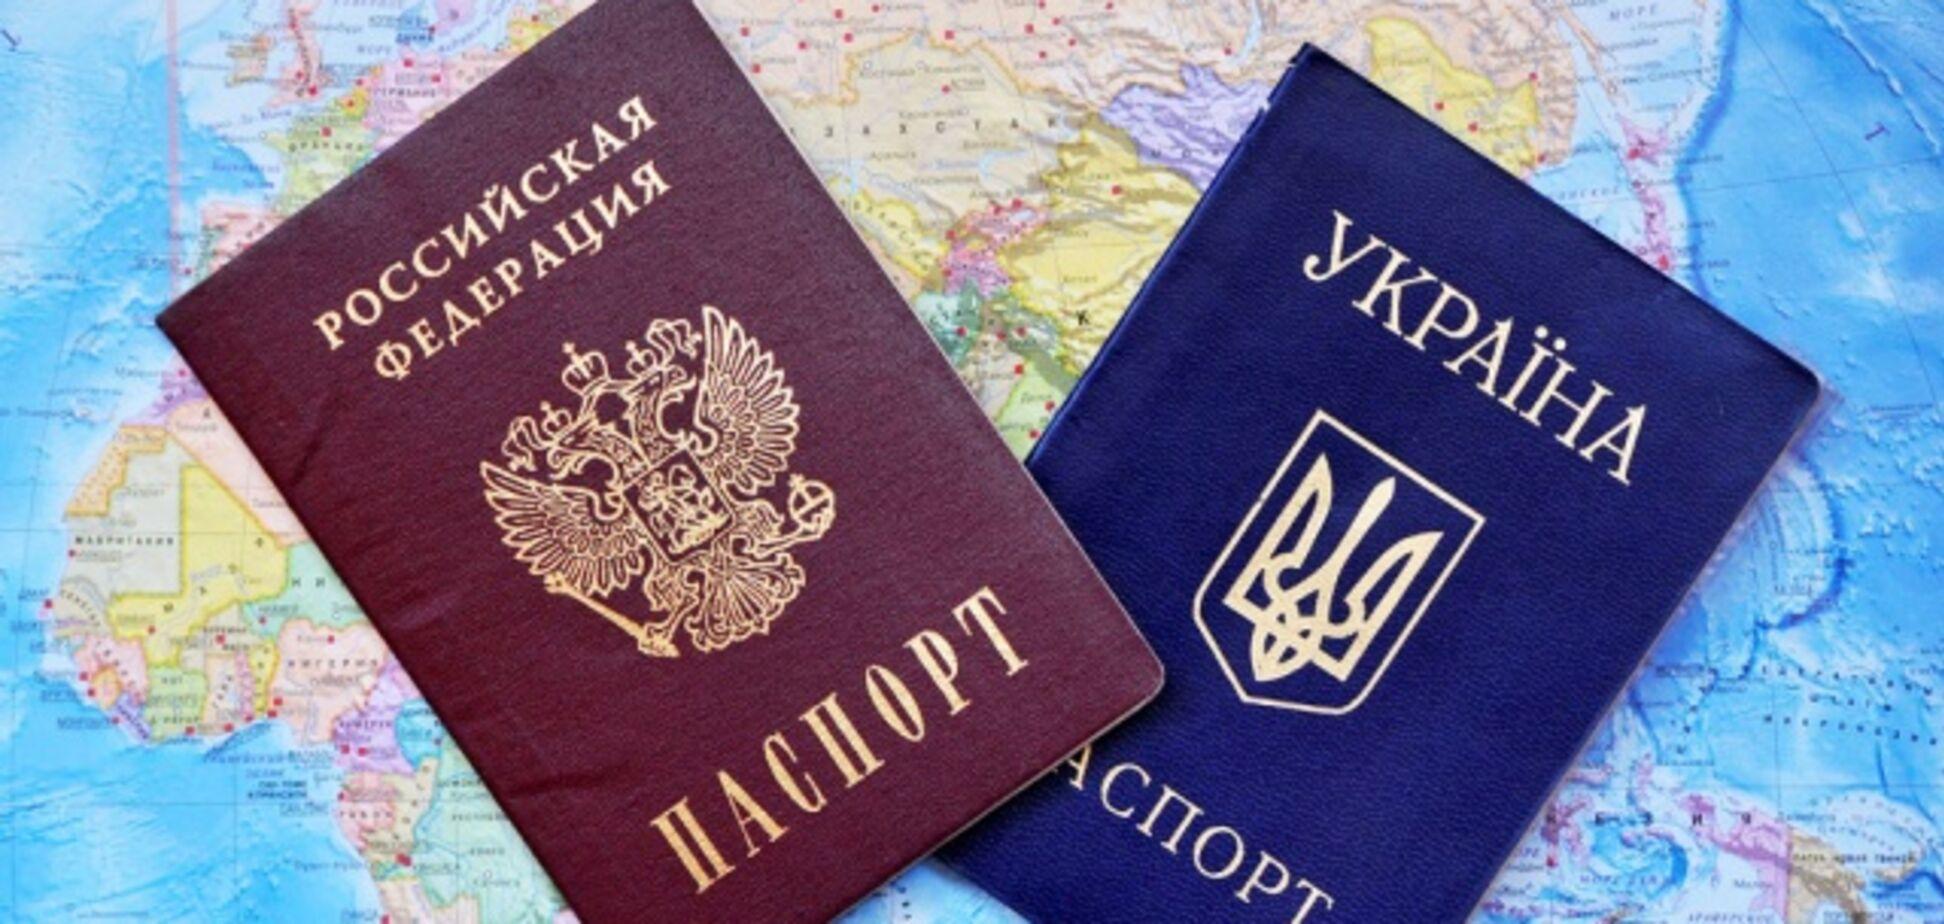 І тут українці зустрічають фсбшника...